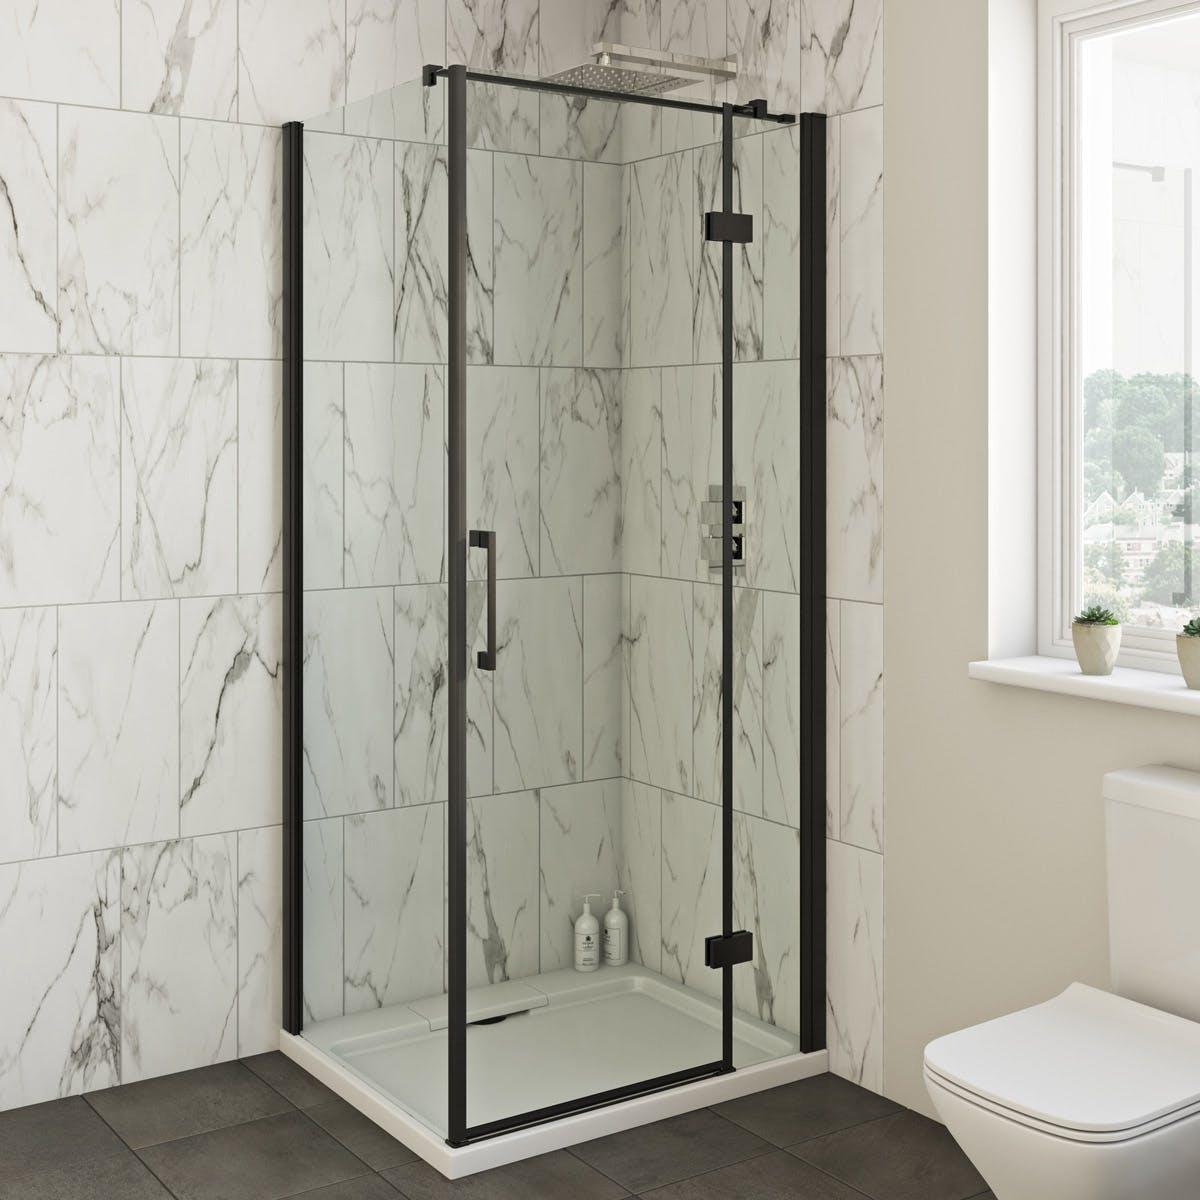 Mode Cooper 8mm Black Hinged Shower Enclosure